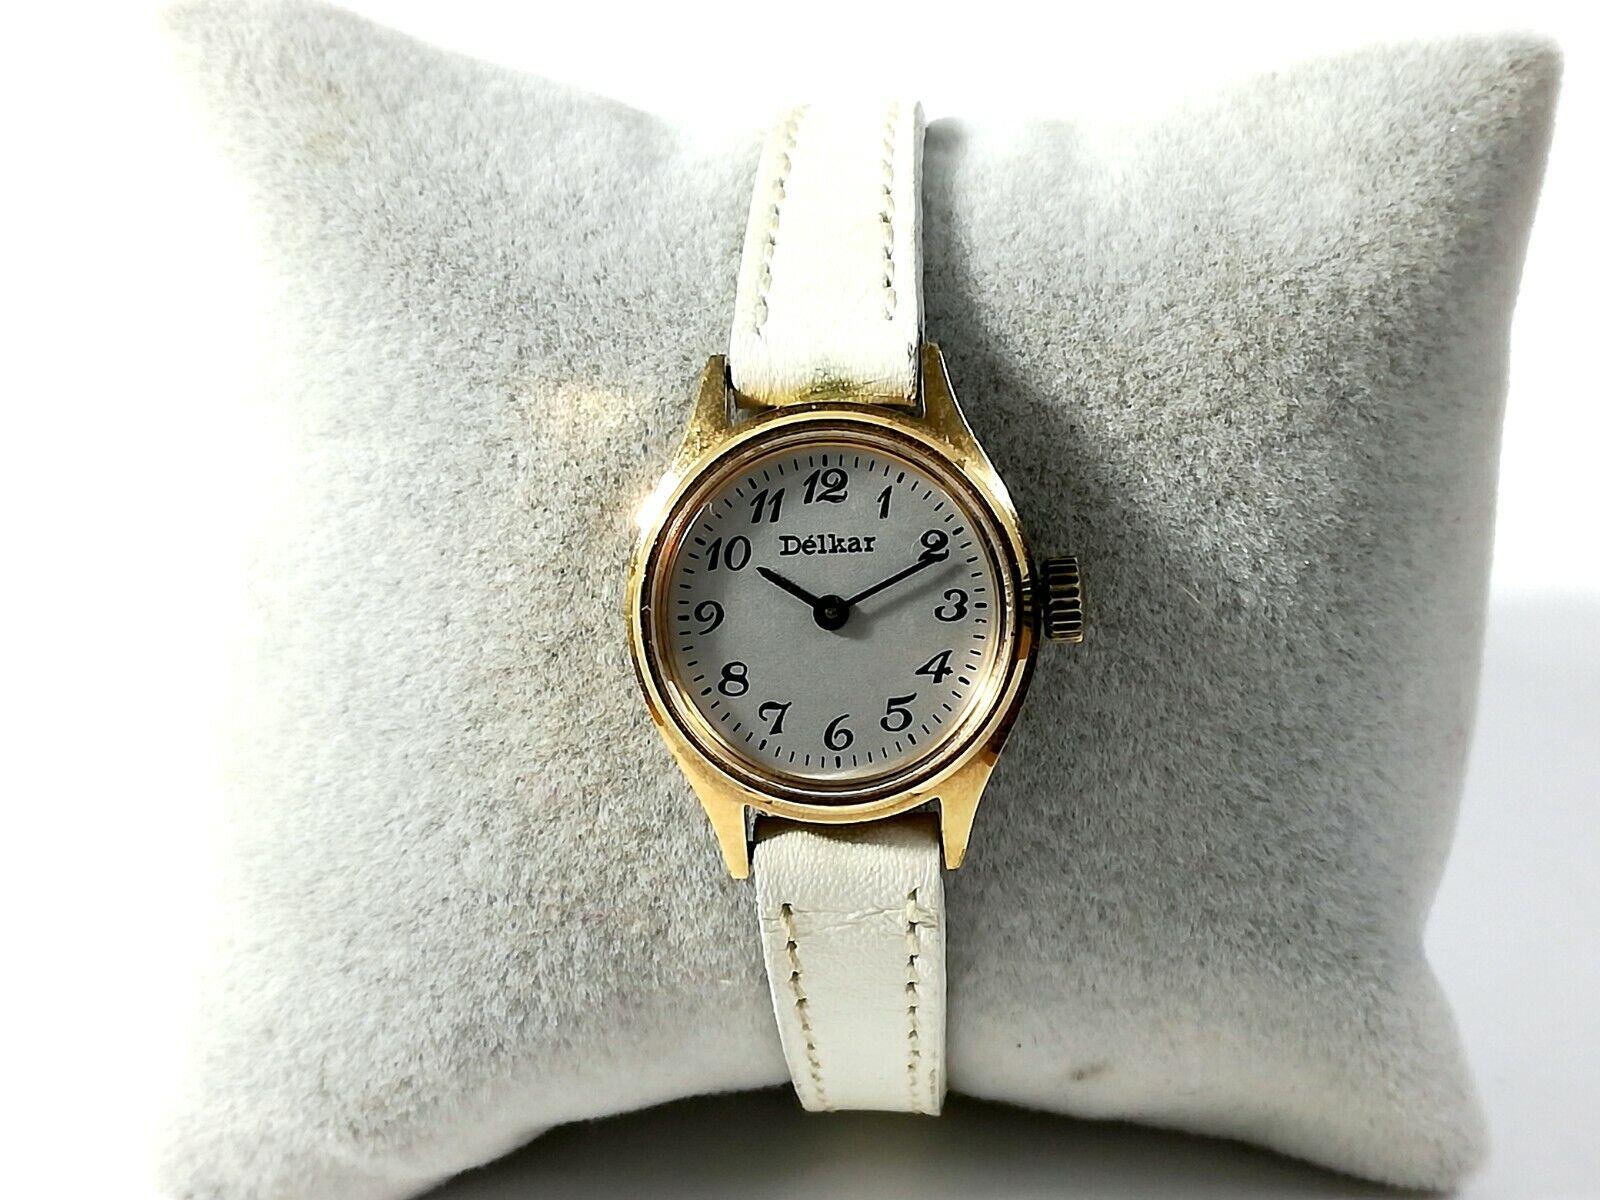 Reloj pulsera mujer DELKAR de cuerda 40039 Original Vintage funciona cal FE...